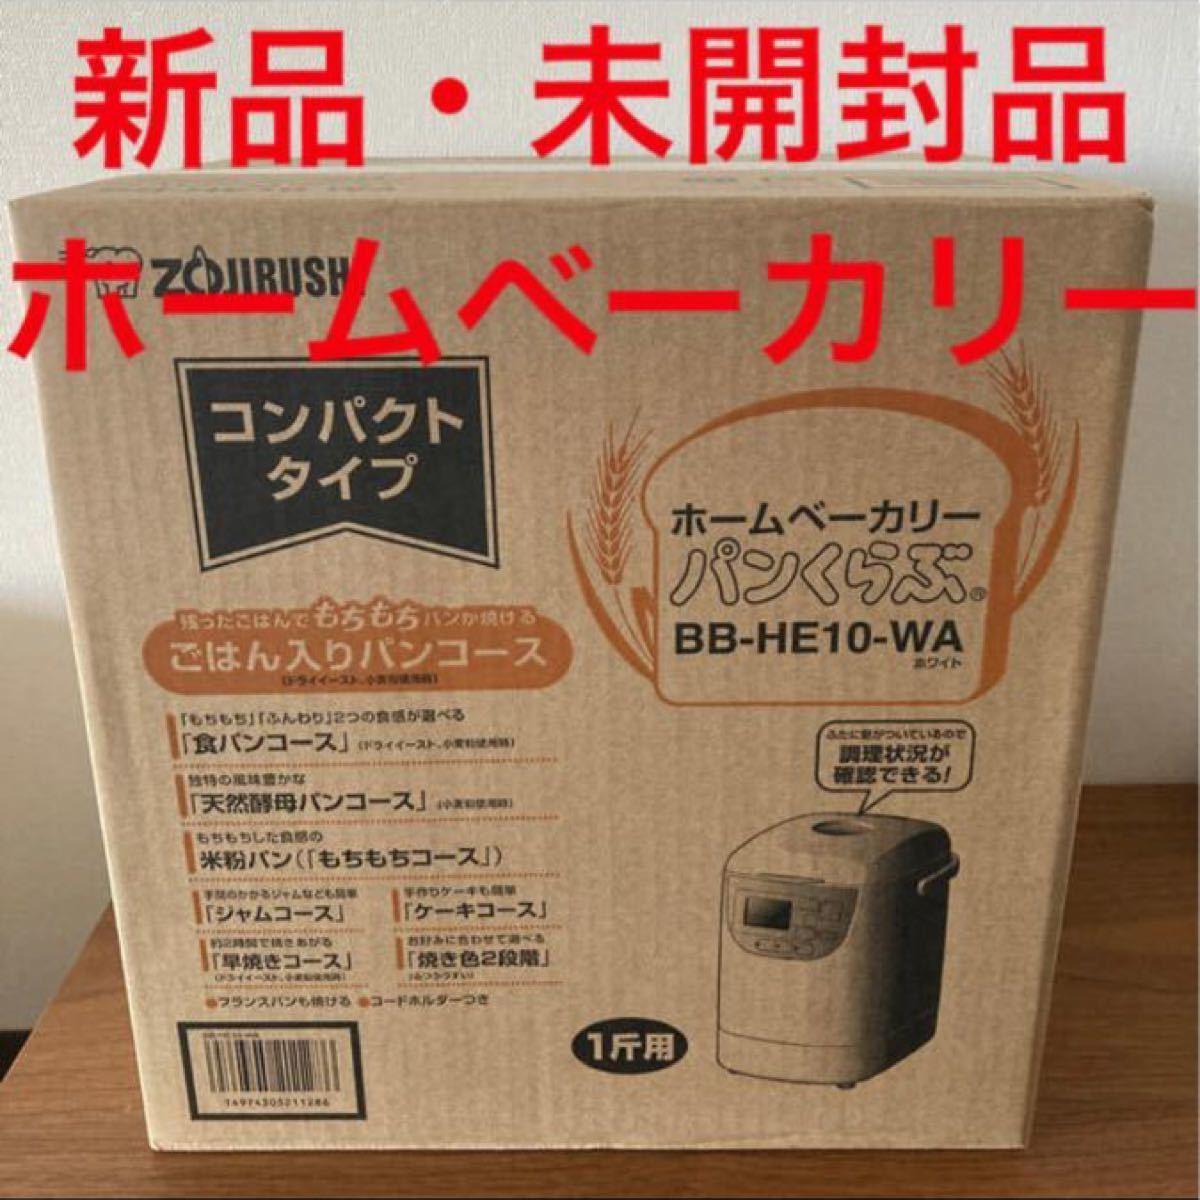 象印 ホームベーカリー パンくらぶ BB-HE10-WA